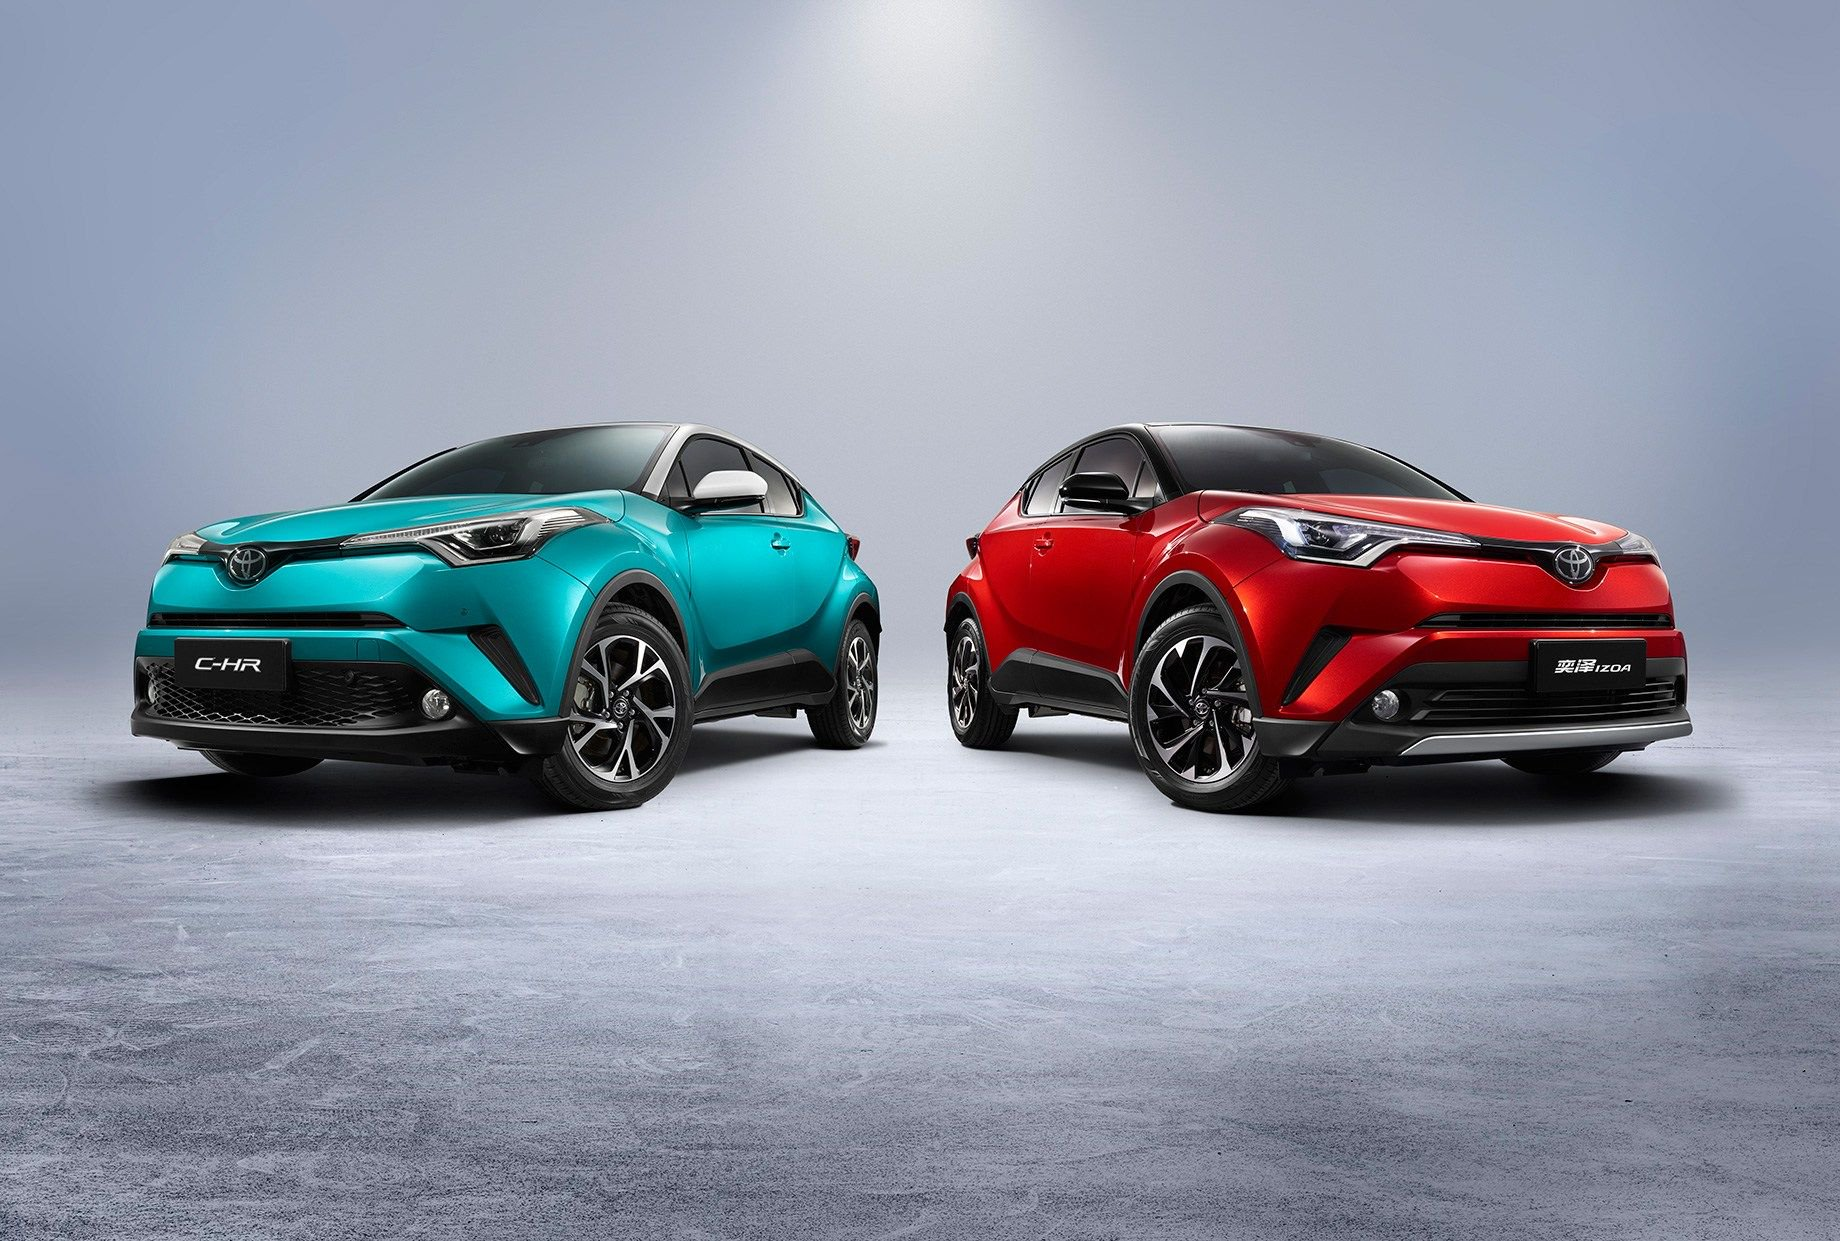 Toyota revelou versões híbridas do Corolla e do C-HR